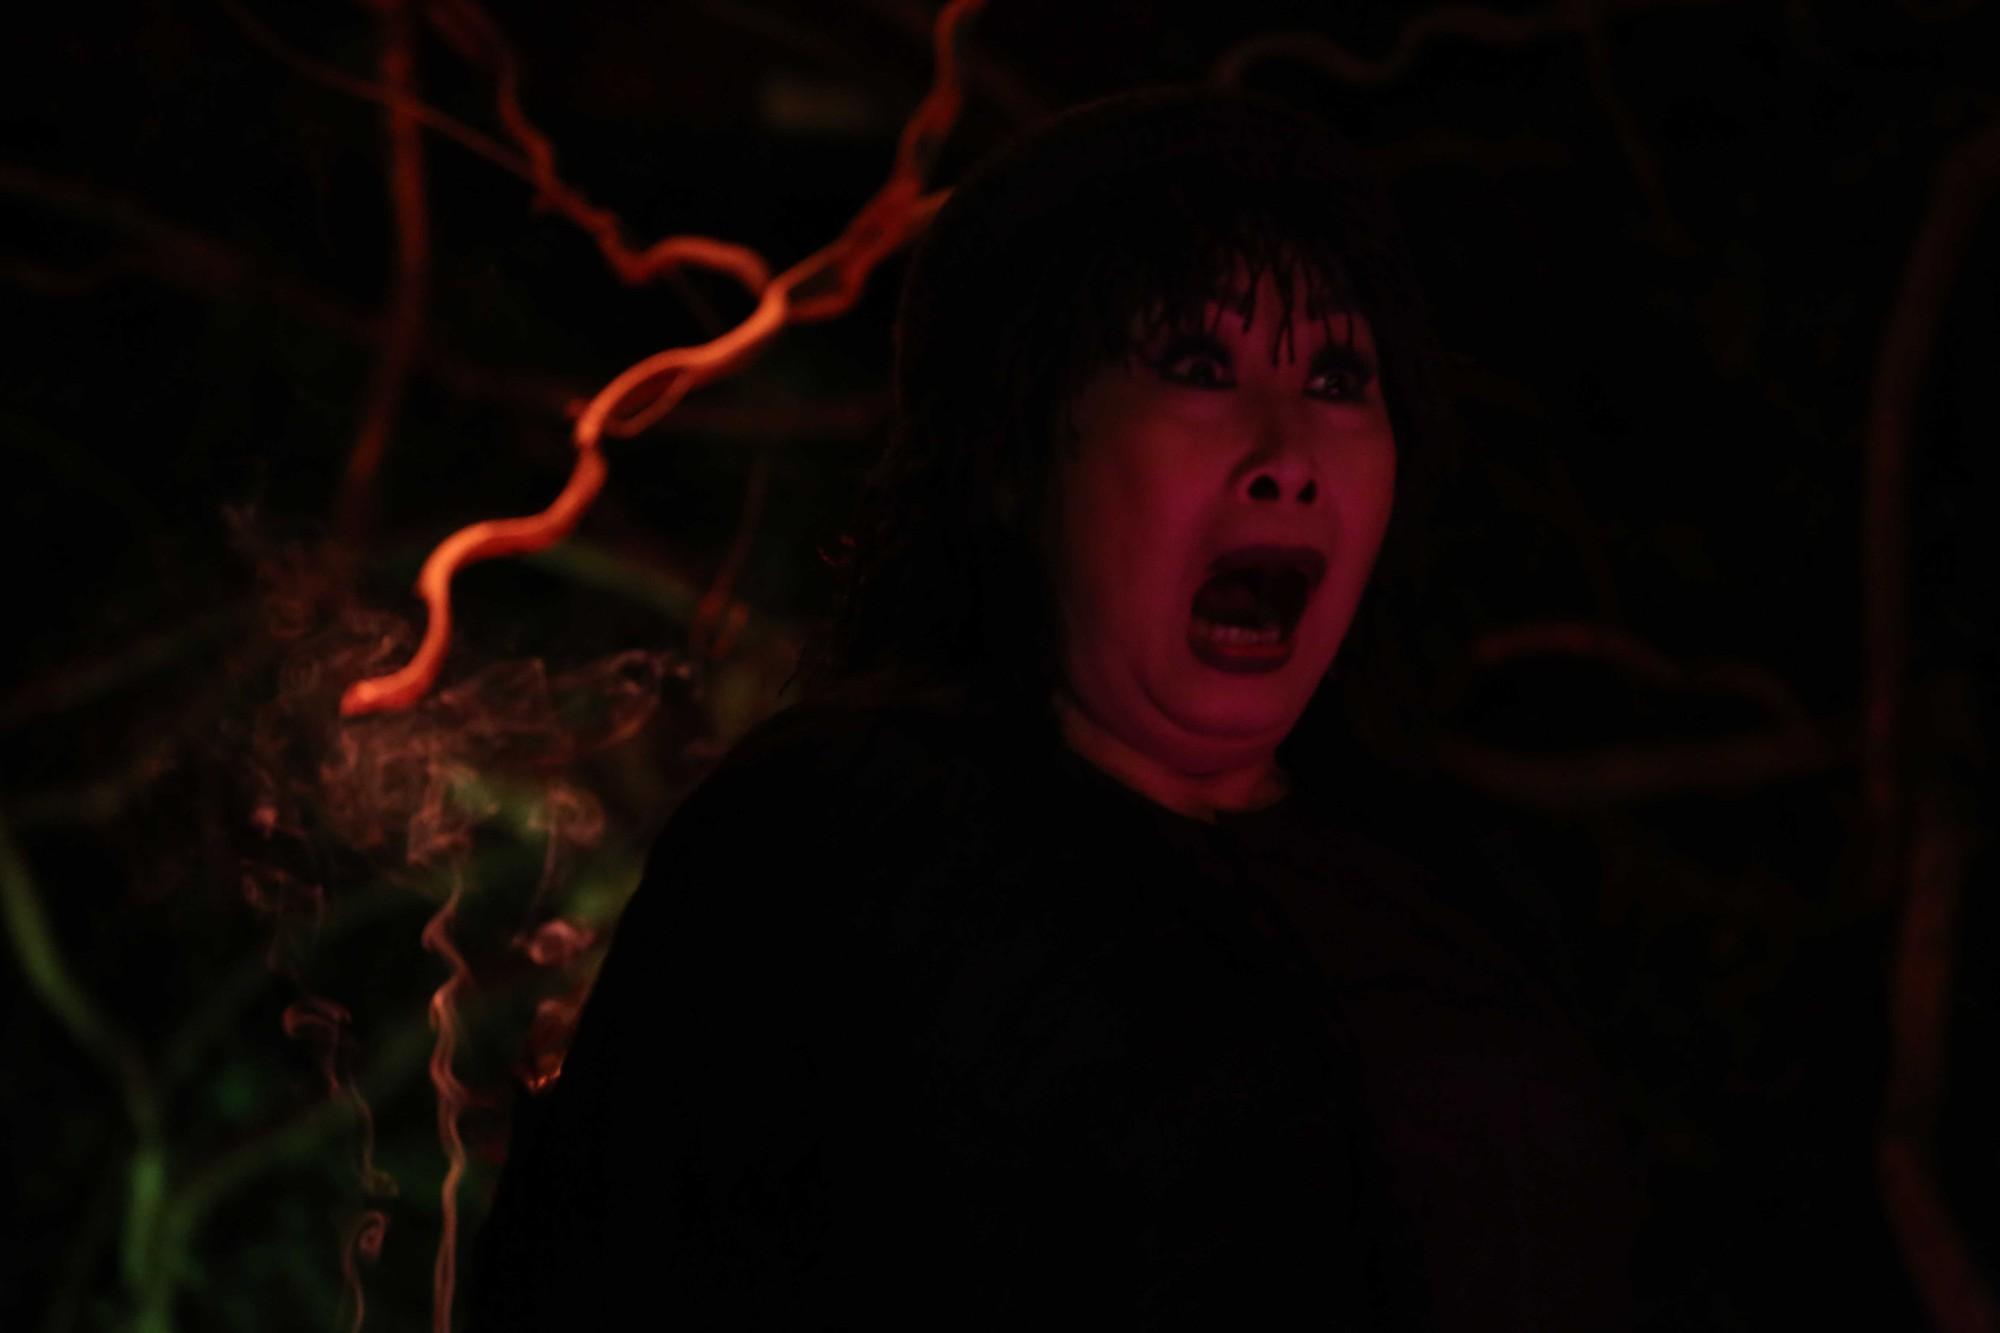 Đâu chỉ có bà đồng Elisa gây ám ảnh, phim Việt cũng có mấy bà đáng sợ không kém!